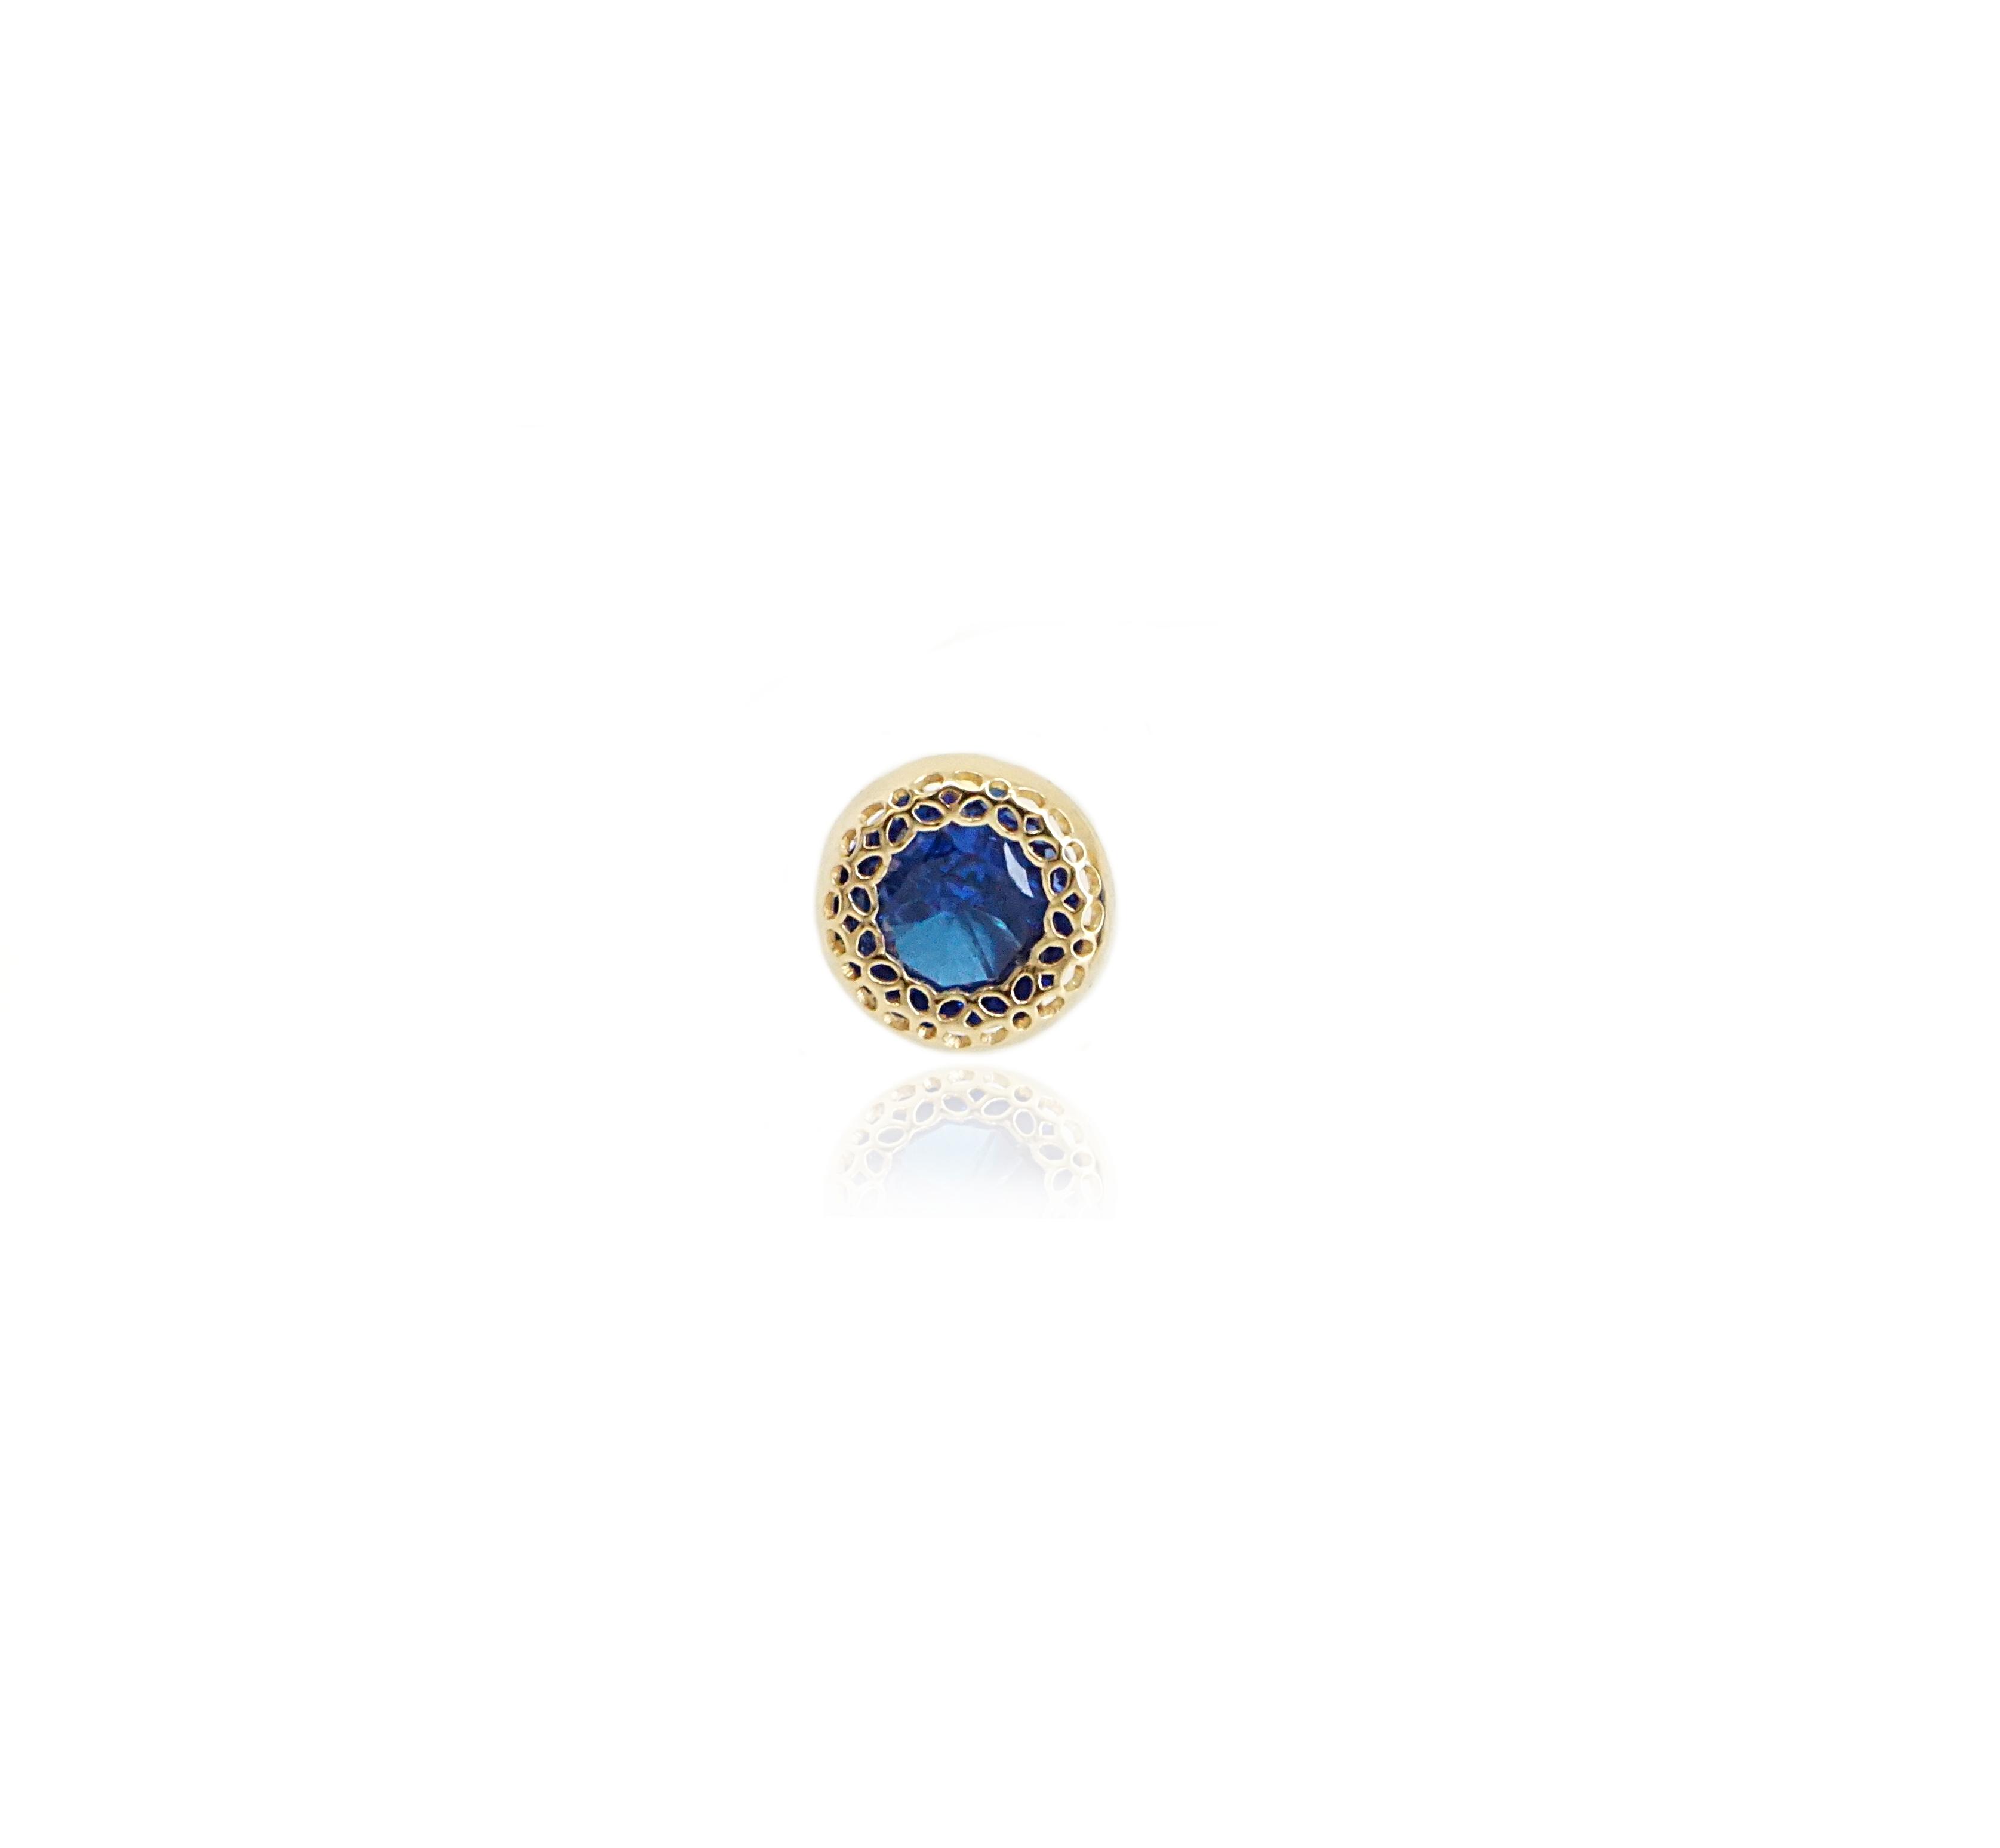 עגיל זהב זרקון כחול בודד